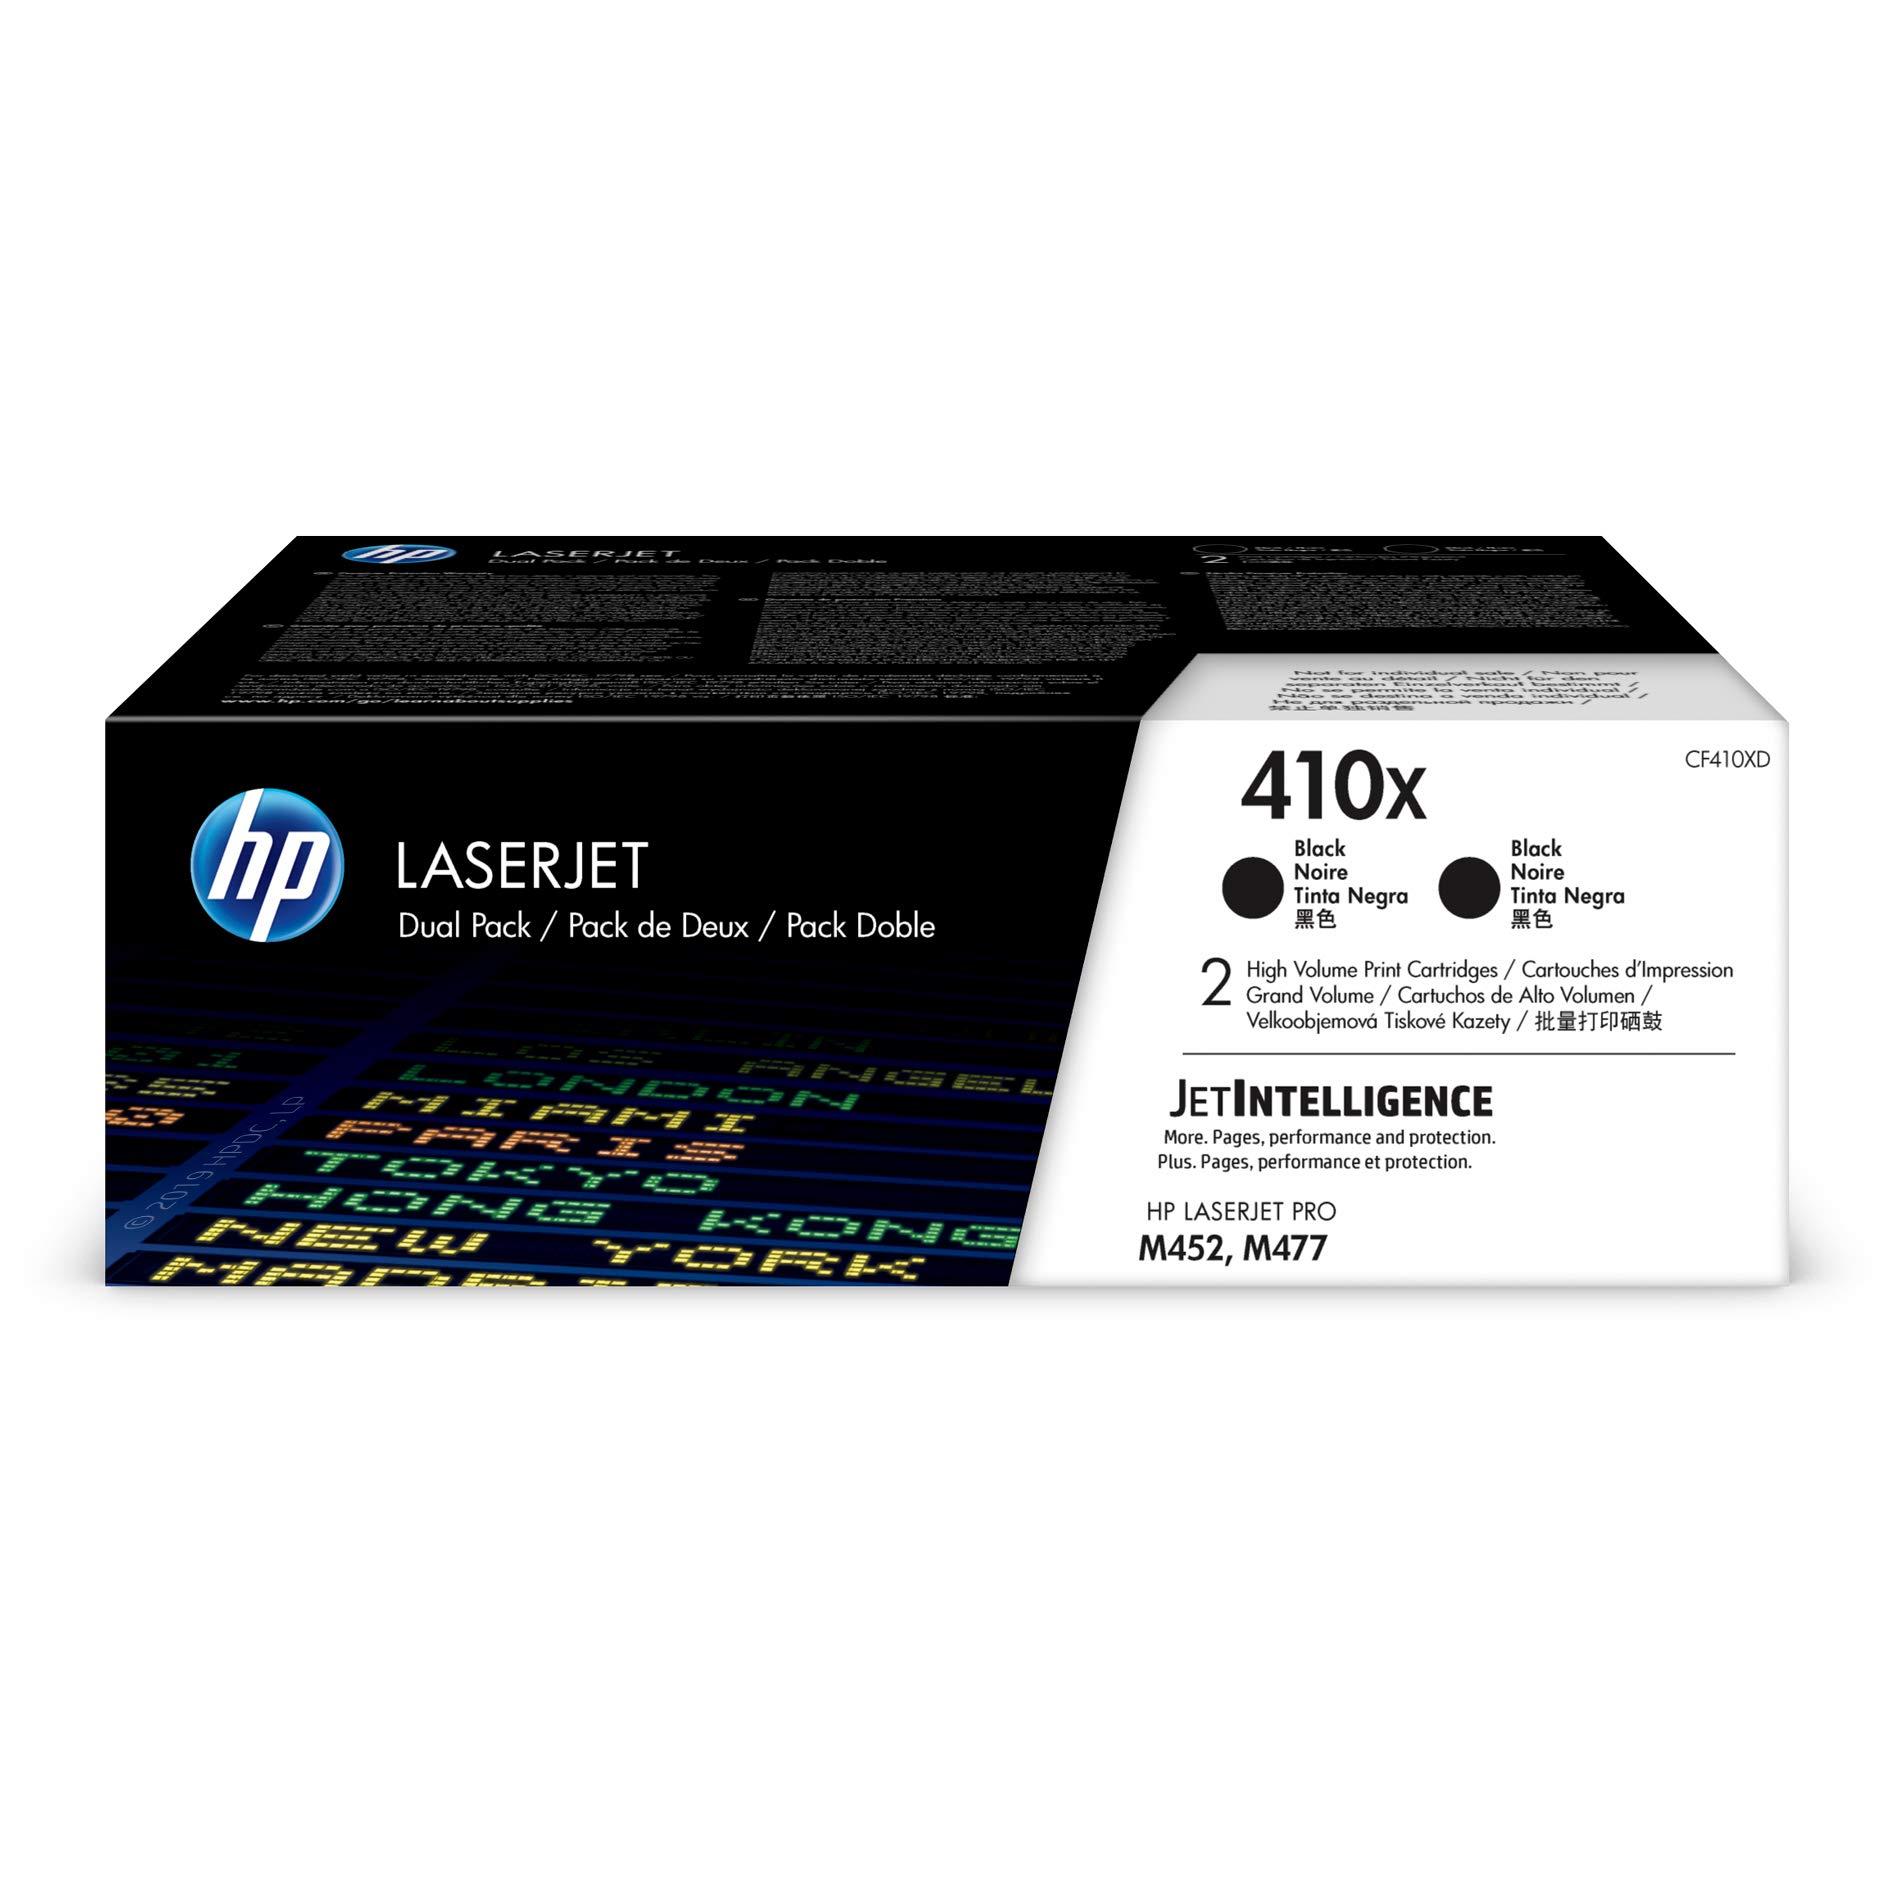 Toner Original HP 410X CF410XD 2 Black Alta Capacidad